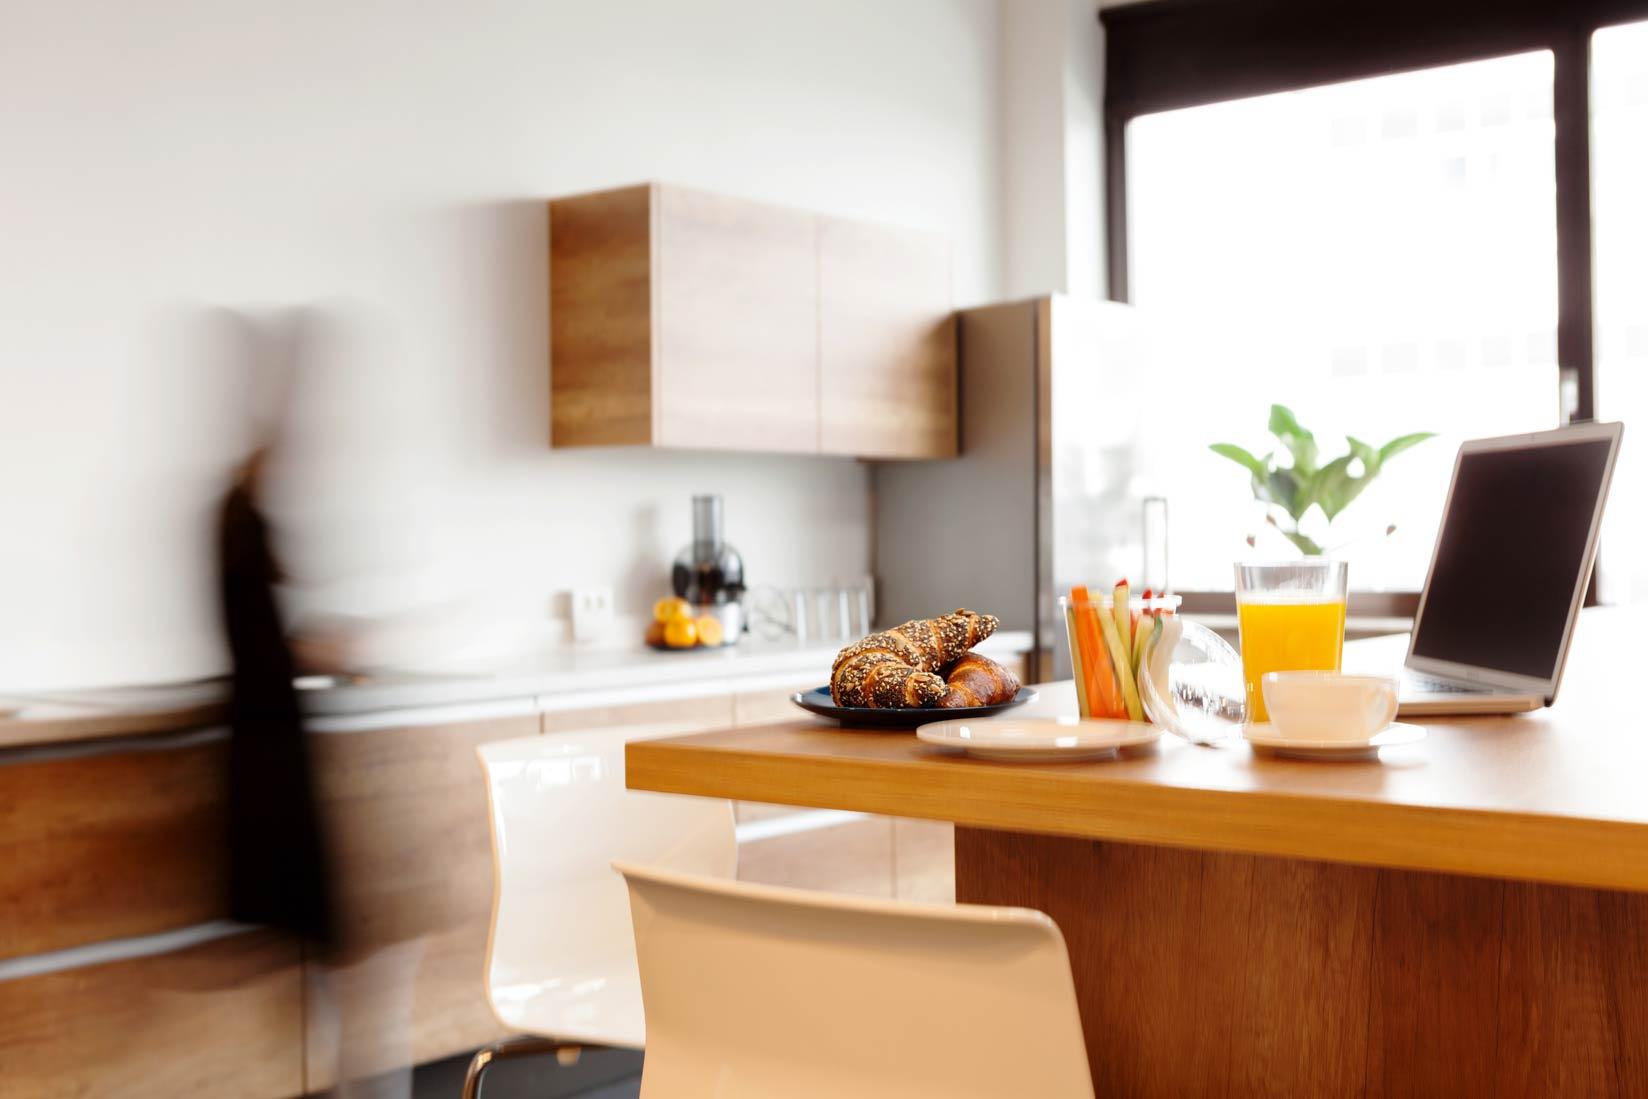 Der Küchenbereich – Der Anlaufpunkt für Kaffee, Kaltgetränke und eigens mitgebrachtes Essen